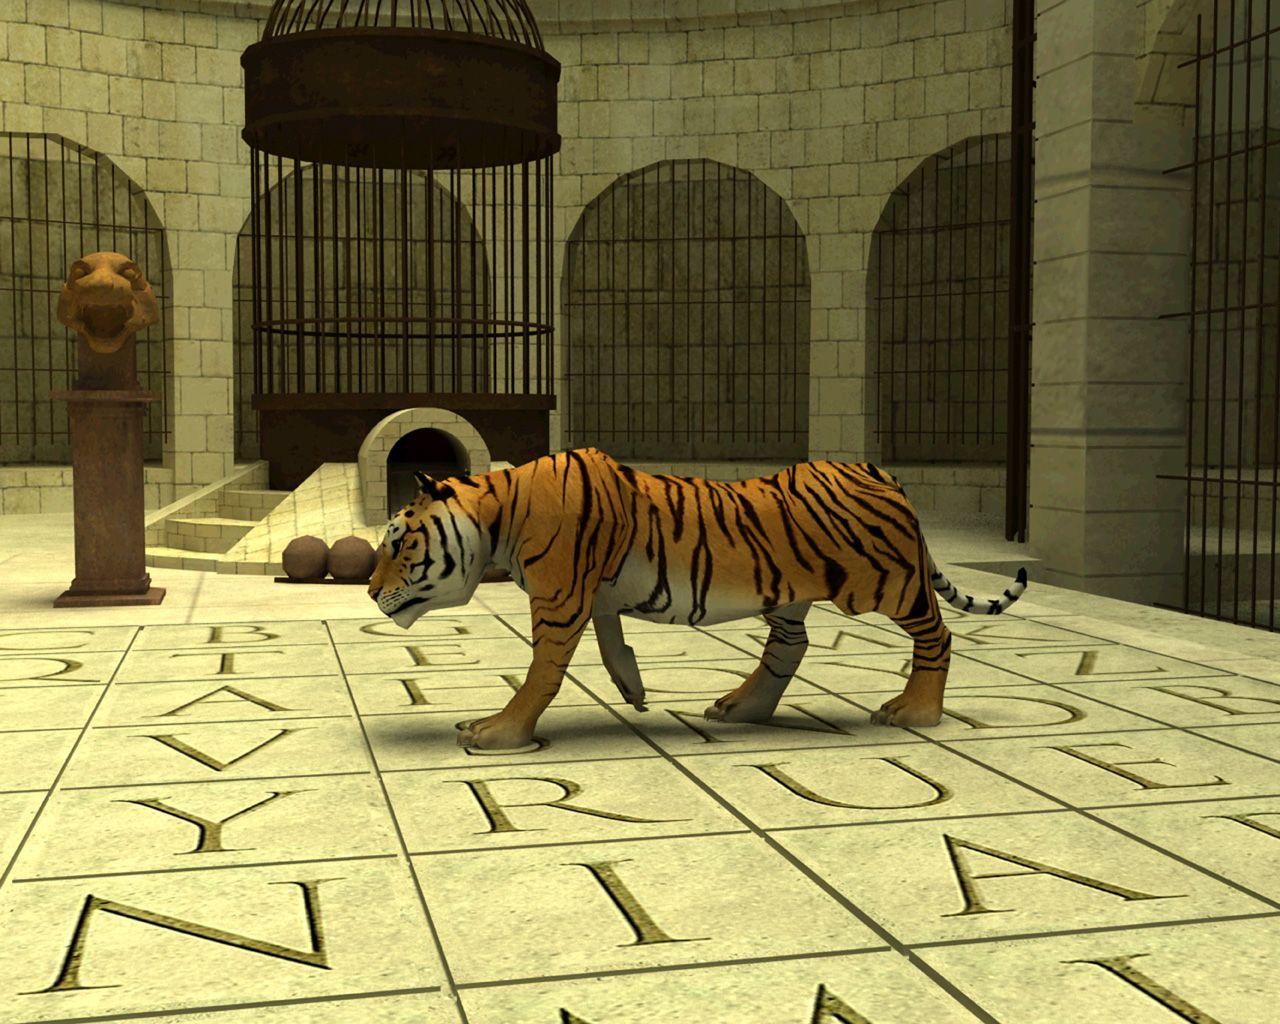 Ролевая игра тигры новая реальность лучшая игра онлайн ролевая ты воин dr/news